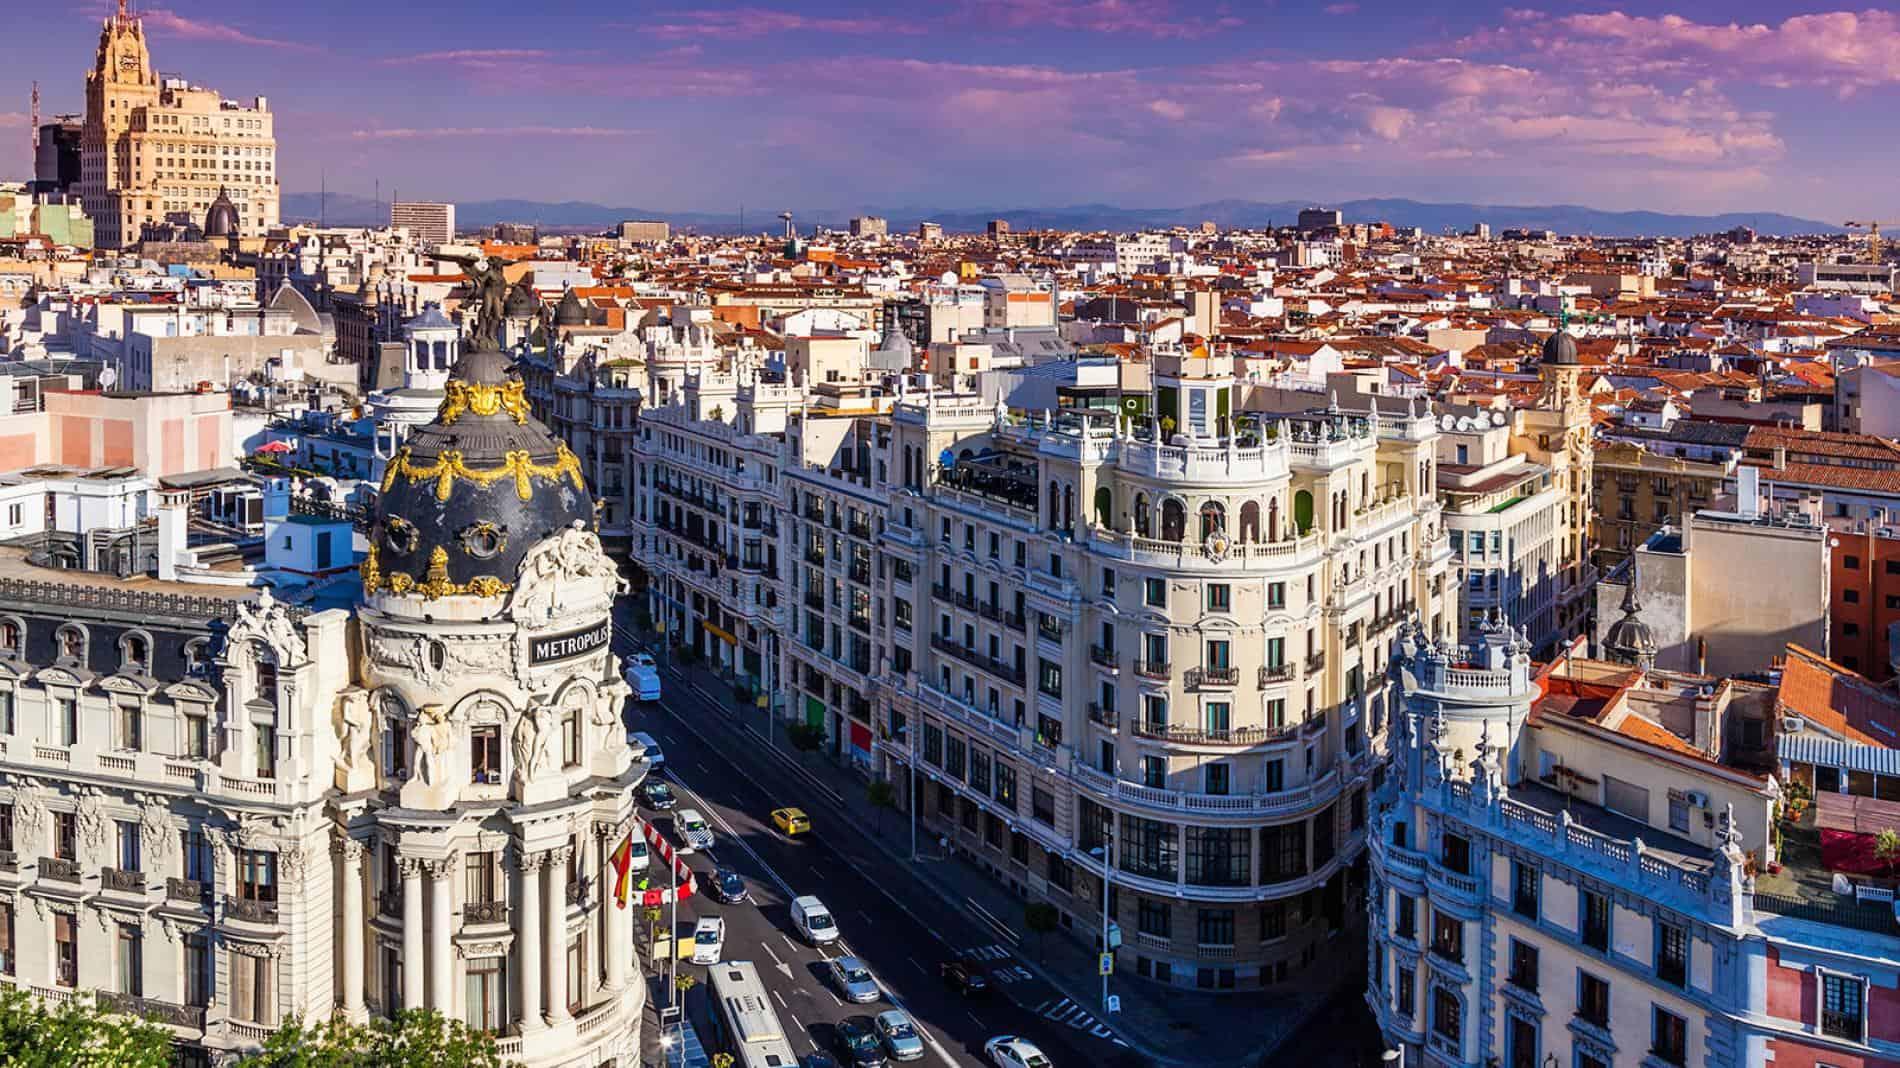 Tây Ban Nha đã có những bước tiến đáng kể trên nhiều khía cạnh y tế, giáo dục, du lịch